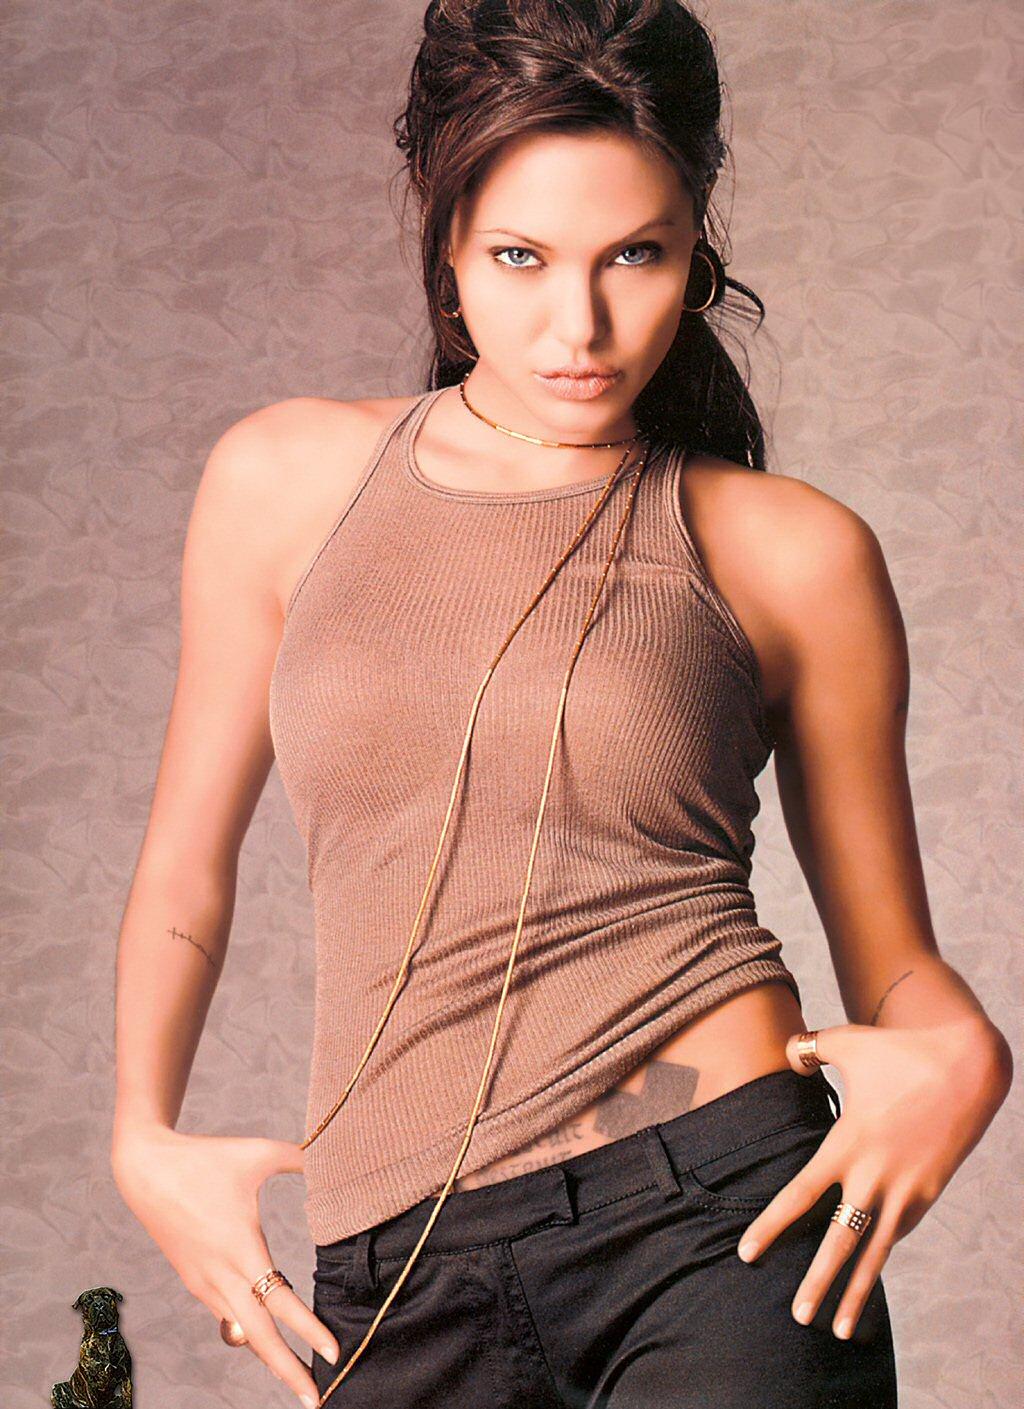 http://2.bp.blogspot.com/-flWF_-hBxMQ/TovB70f21hI/AAAAAAAALc4/ENEm4yAwSOQ/s1600/029_NiteDogWWSA_Angelina_Jolie.jpg